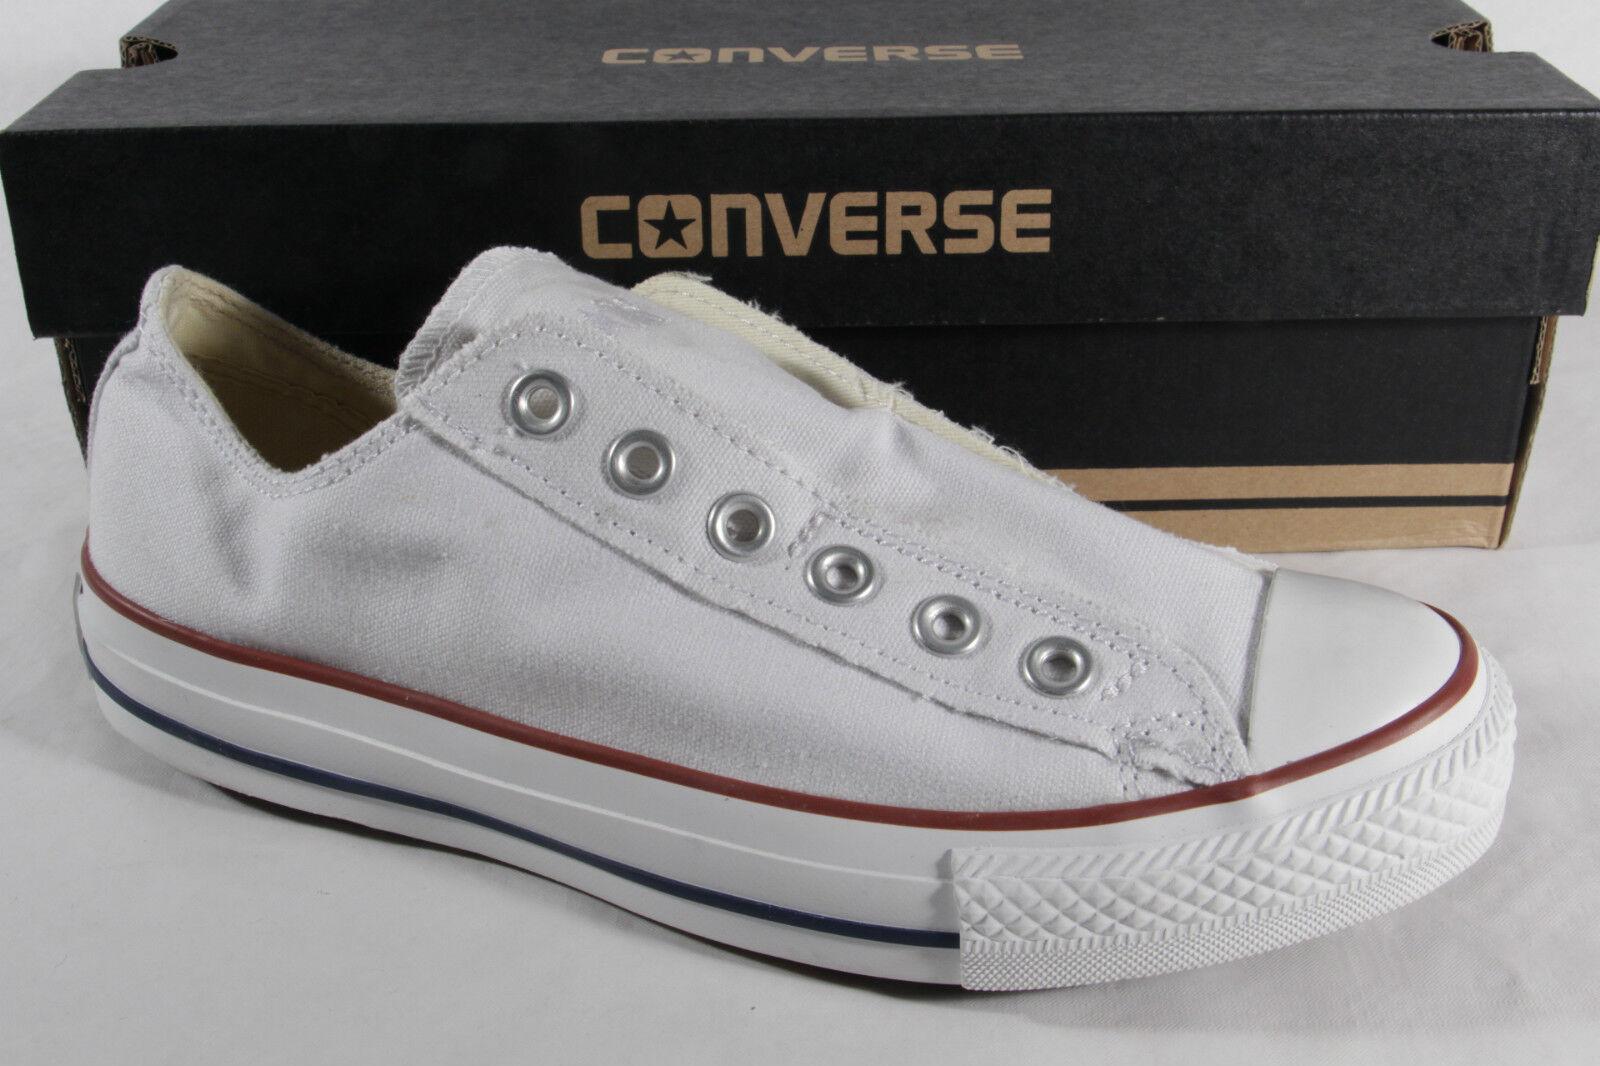 Converse All Sportive Star Slipper Scarpe Sportive All Ballerine Bianco Nuovo!!! d34068